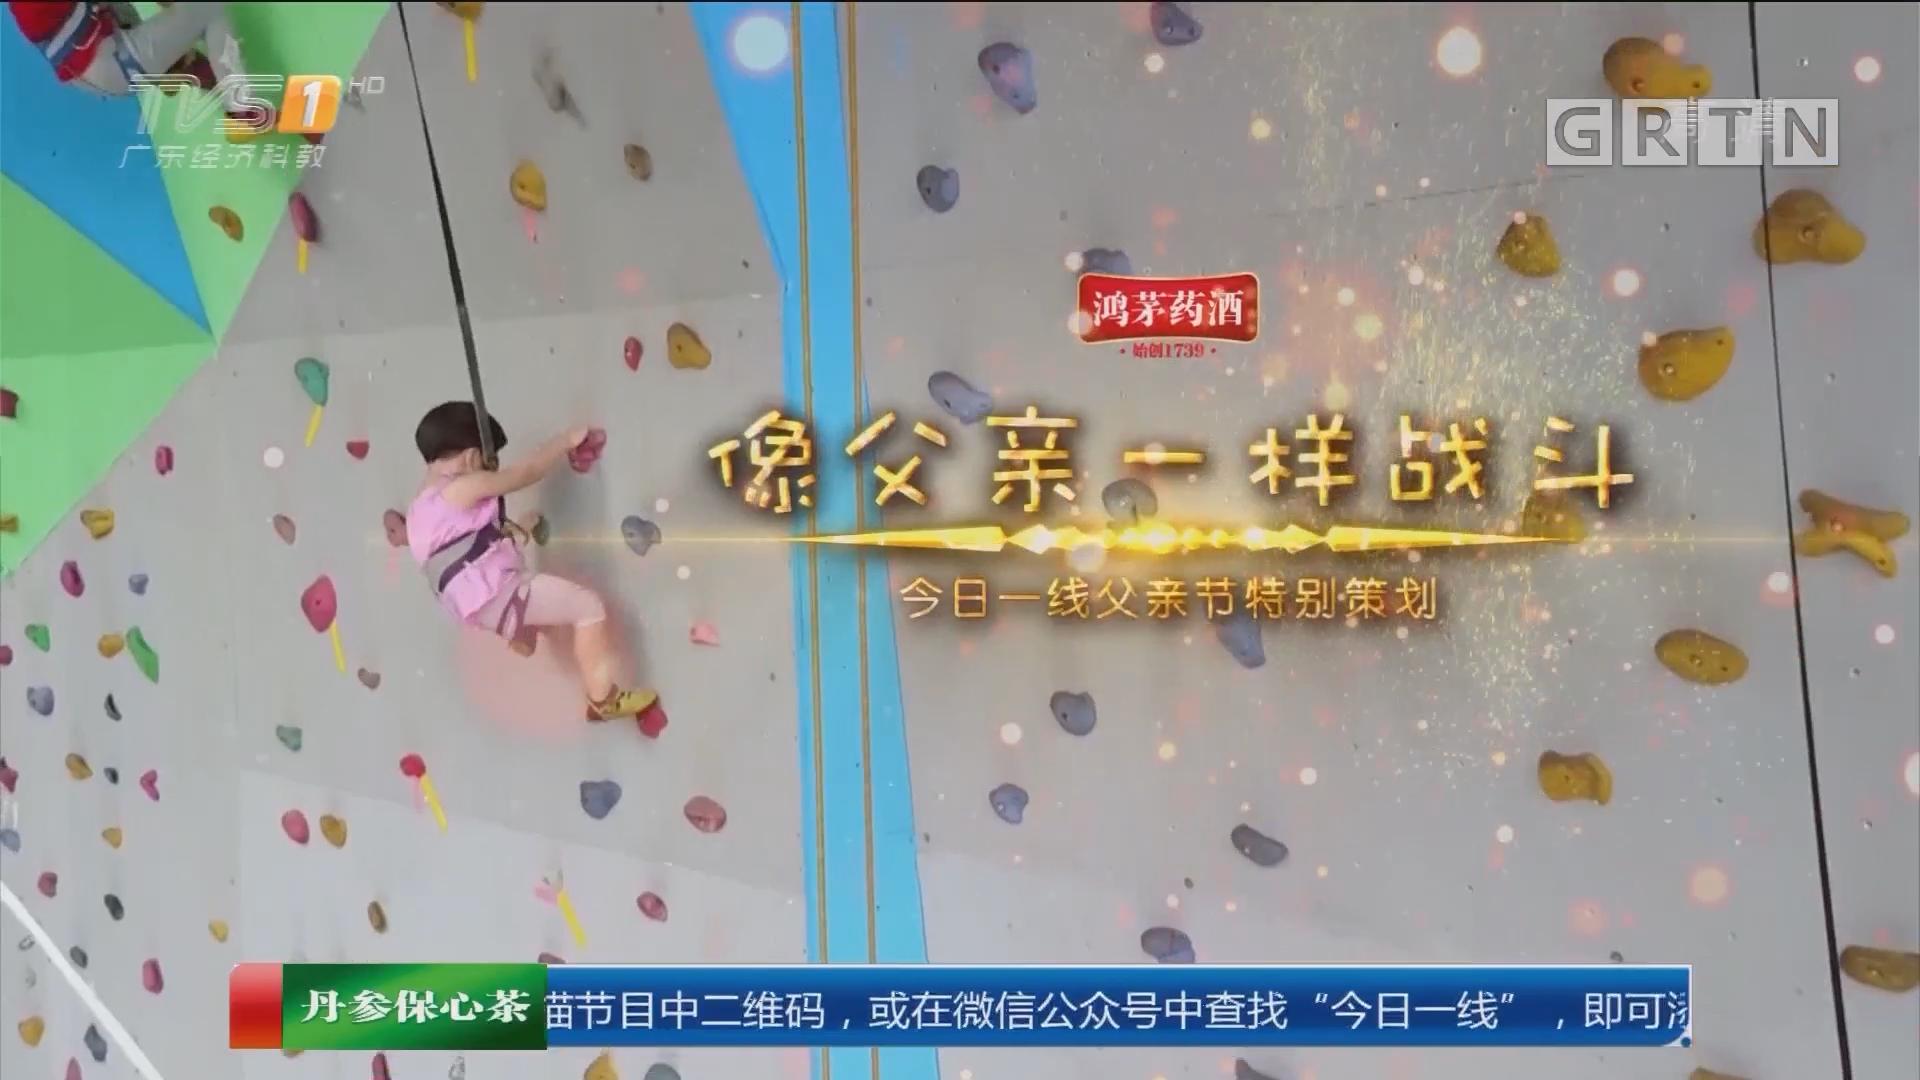 父亲节特别策划:攀岩小姐妹 爸爸是教练!